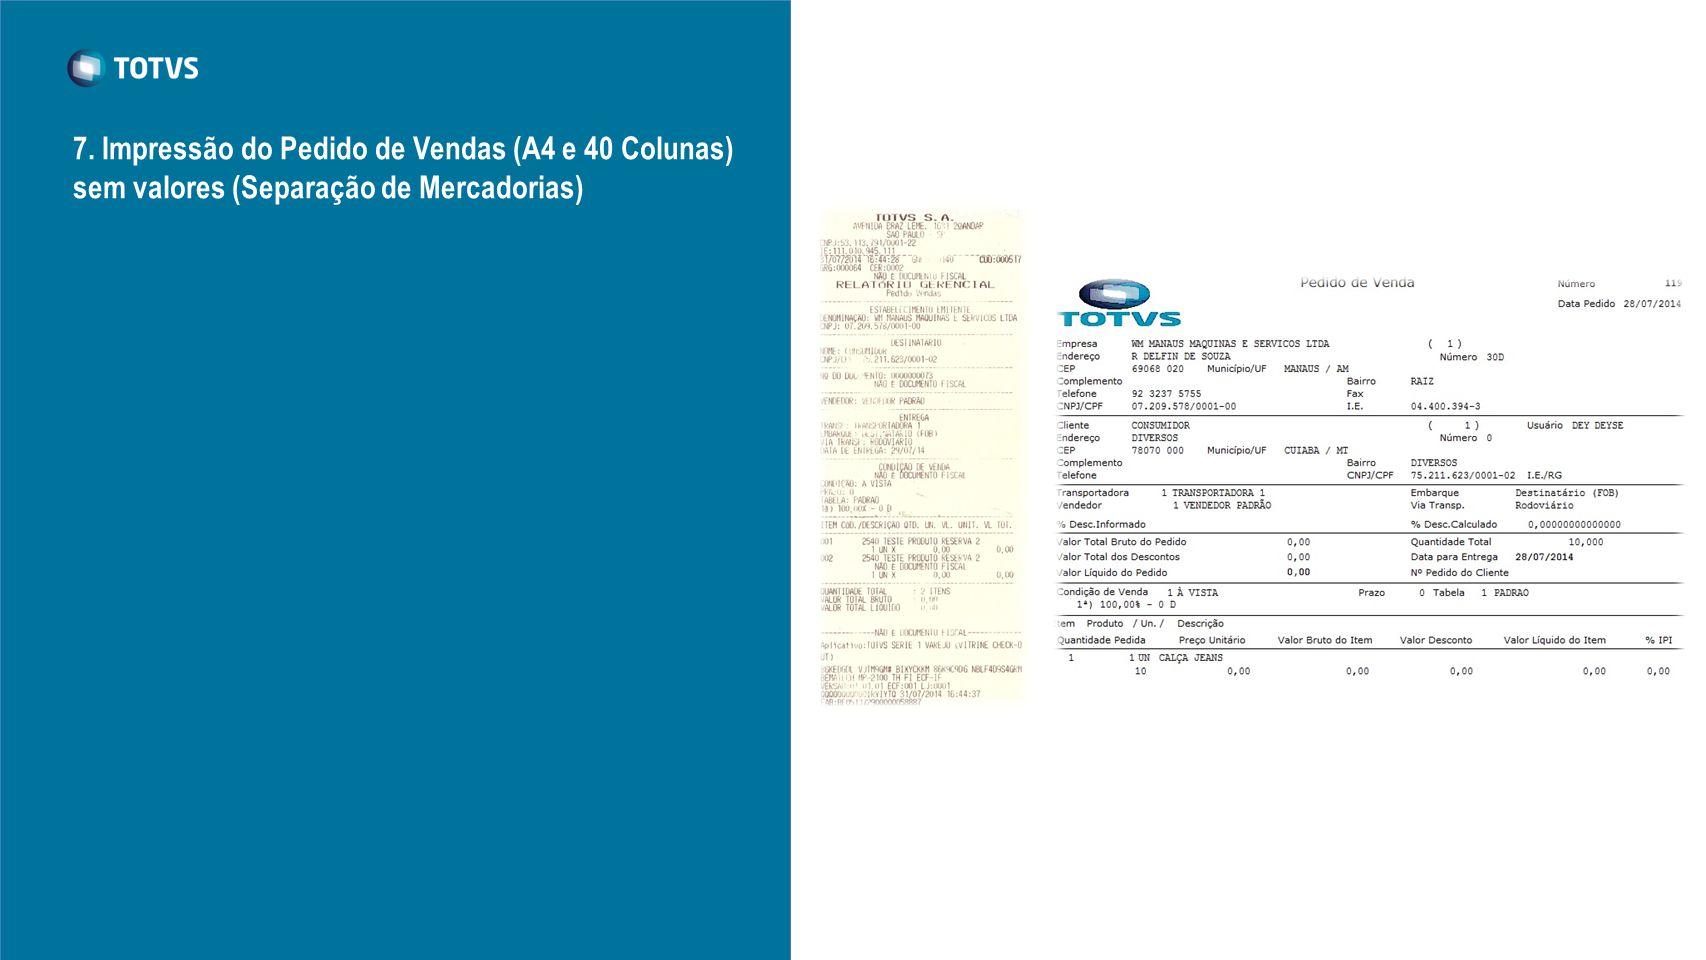 7. Impressão do Pedido de Vendas (A4 e 40 Colunas) sem valores (Separação de Mercadorias)